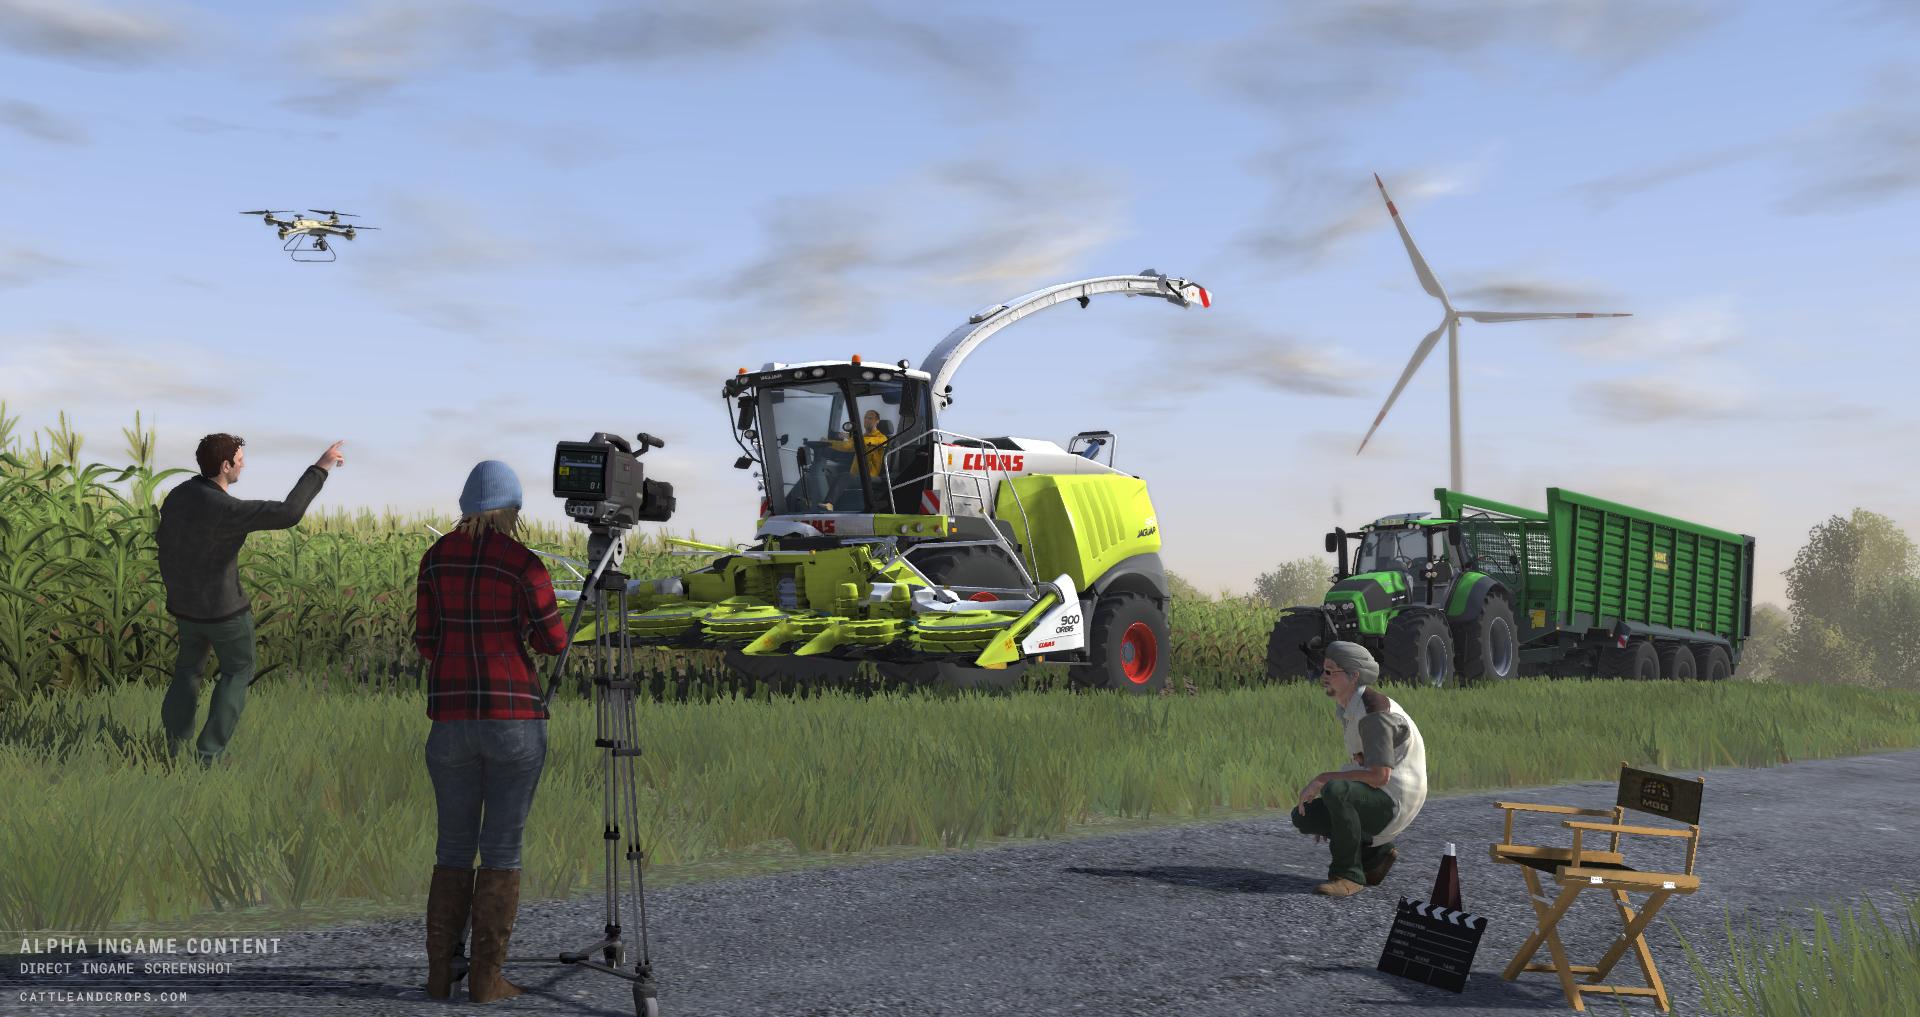 Autorům modifikací došla trpělivost, vytváří vlastní simulátor zemědělství 131485